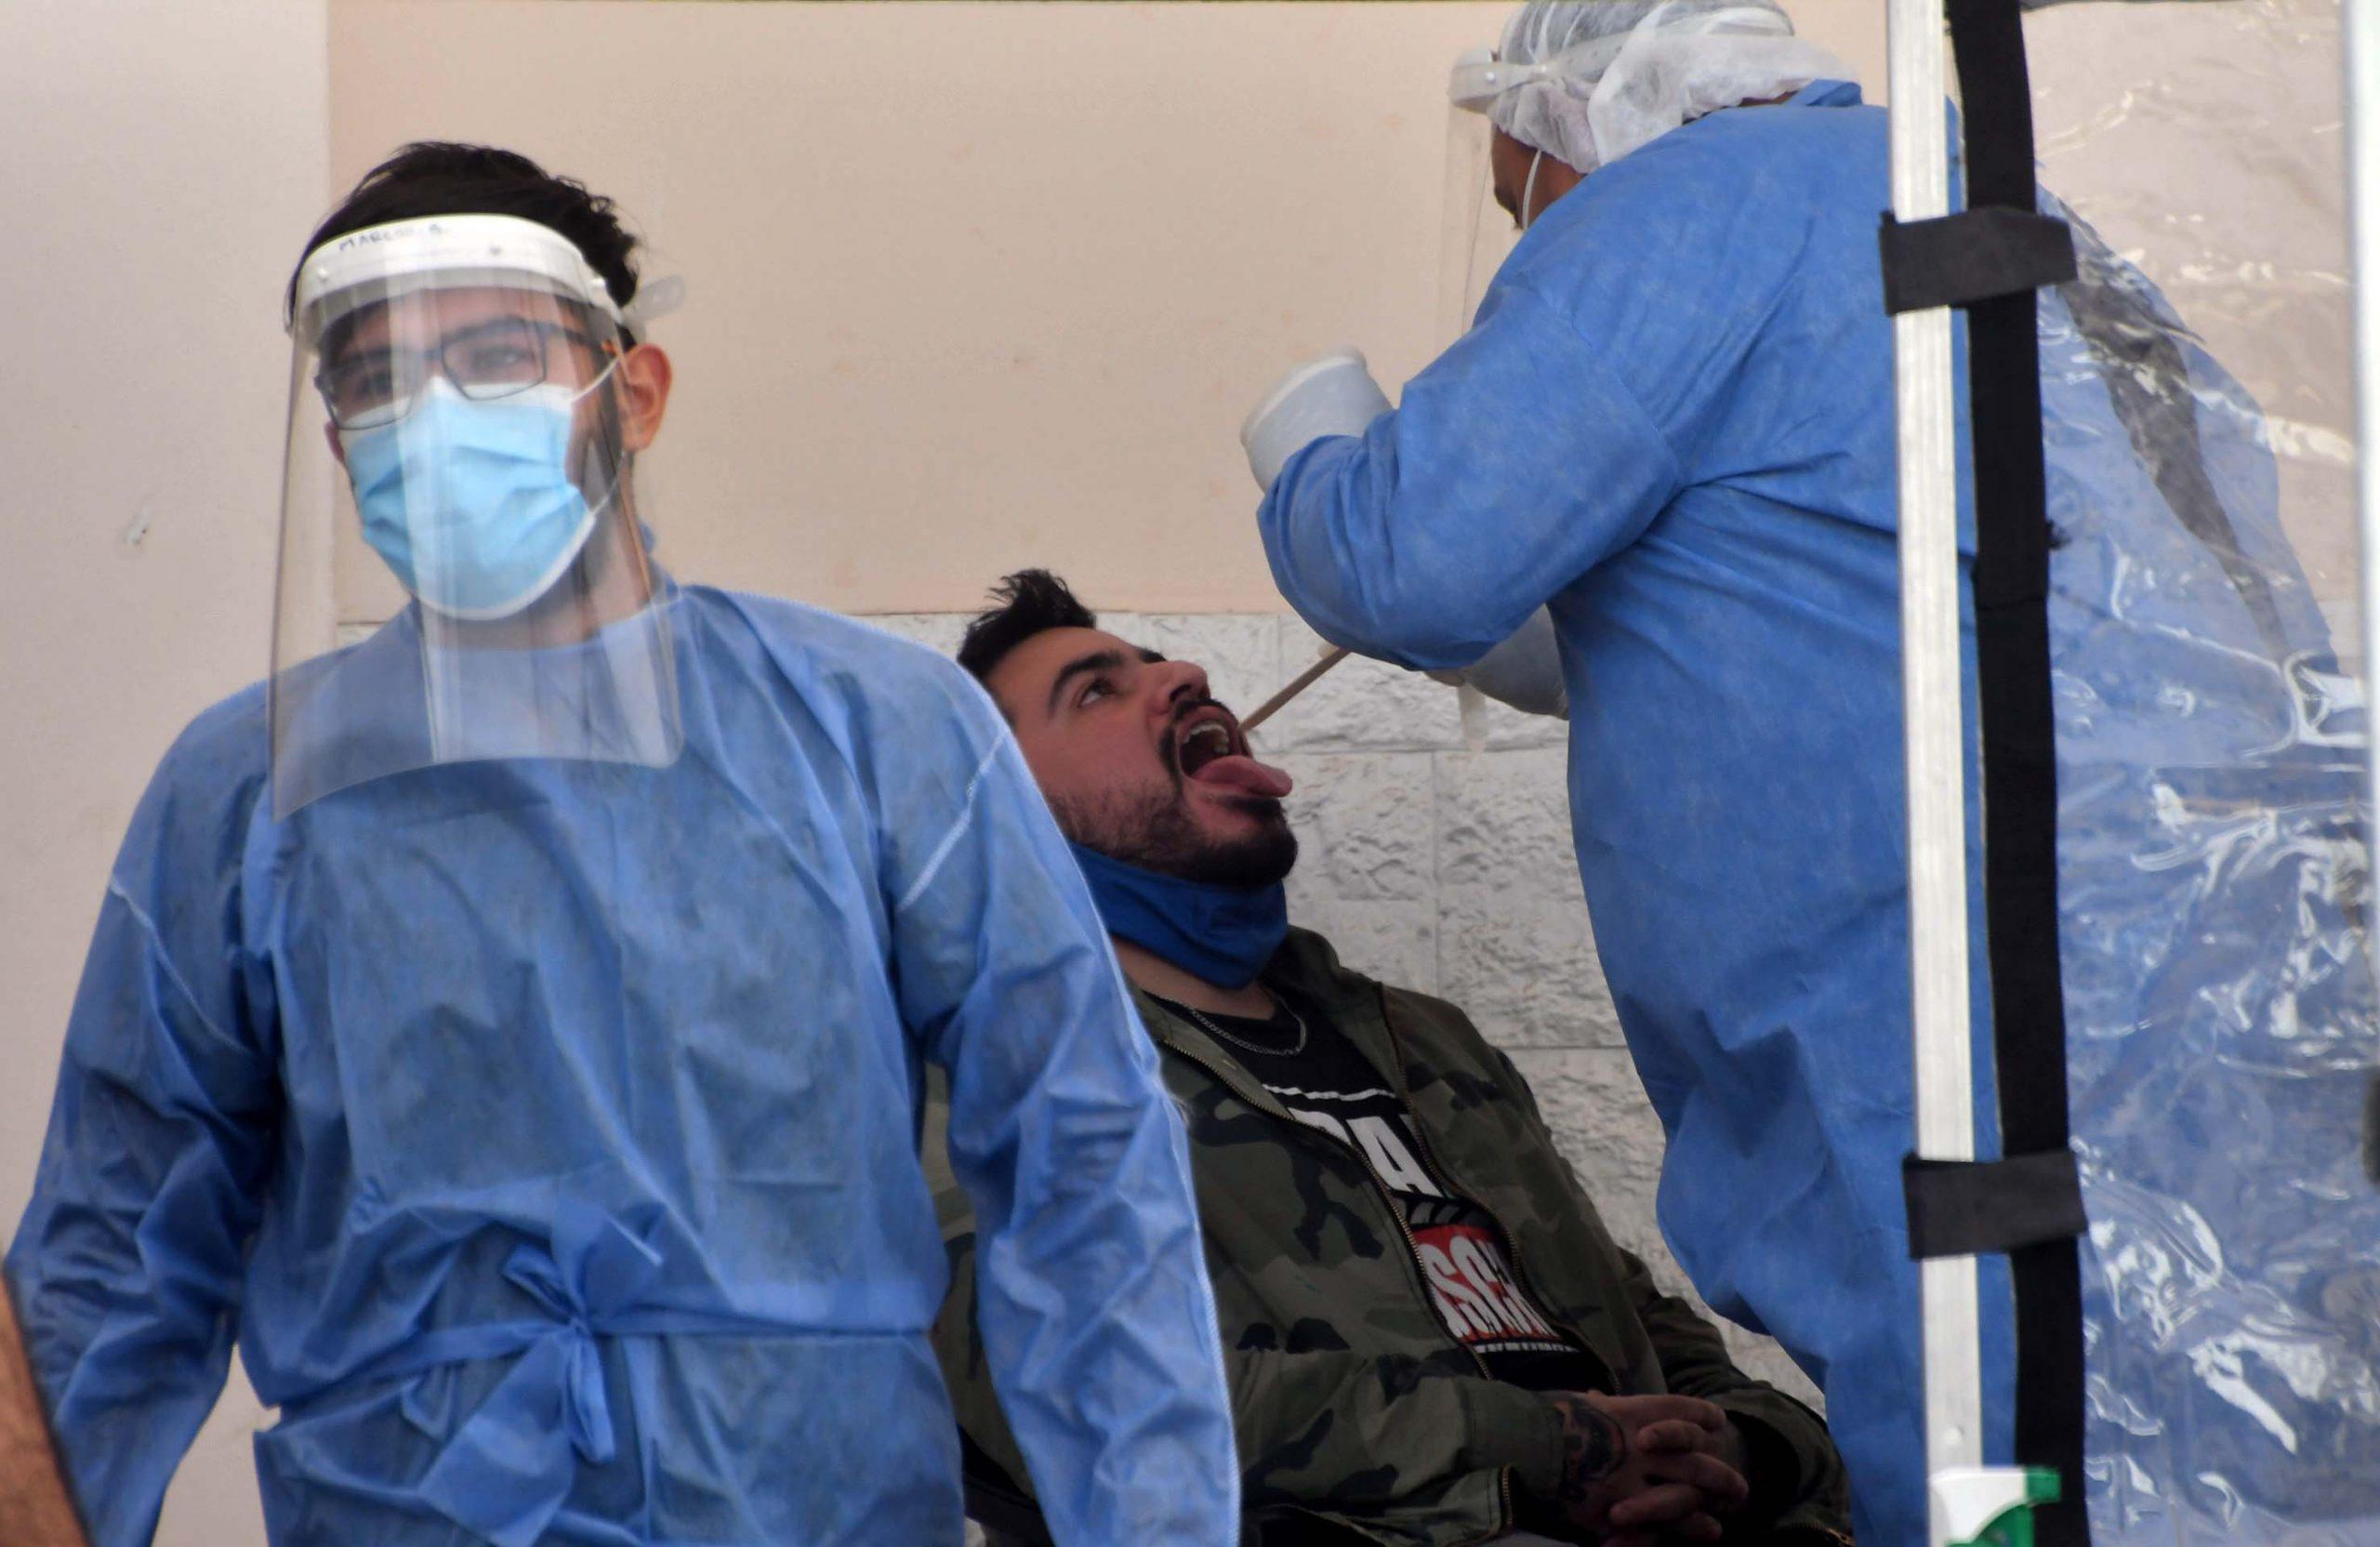 Hoy se confirmaron 438 muertes y 16.325 nuevos casos de Coronavirus en Argentina